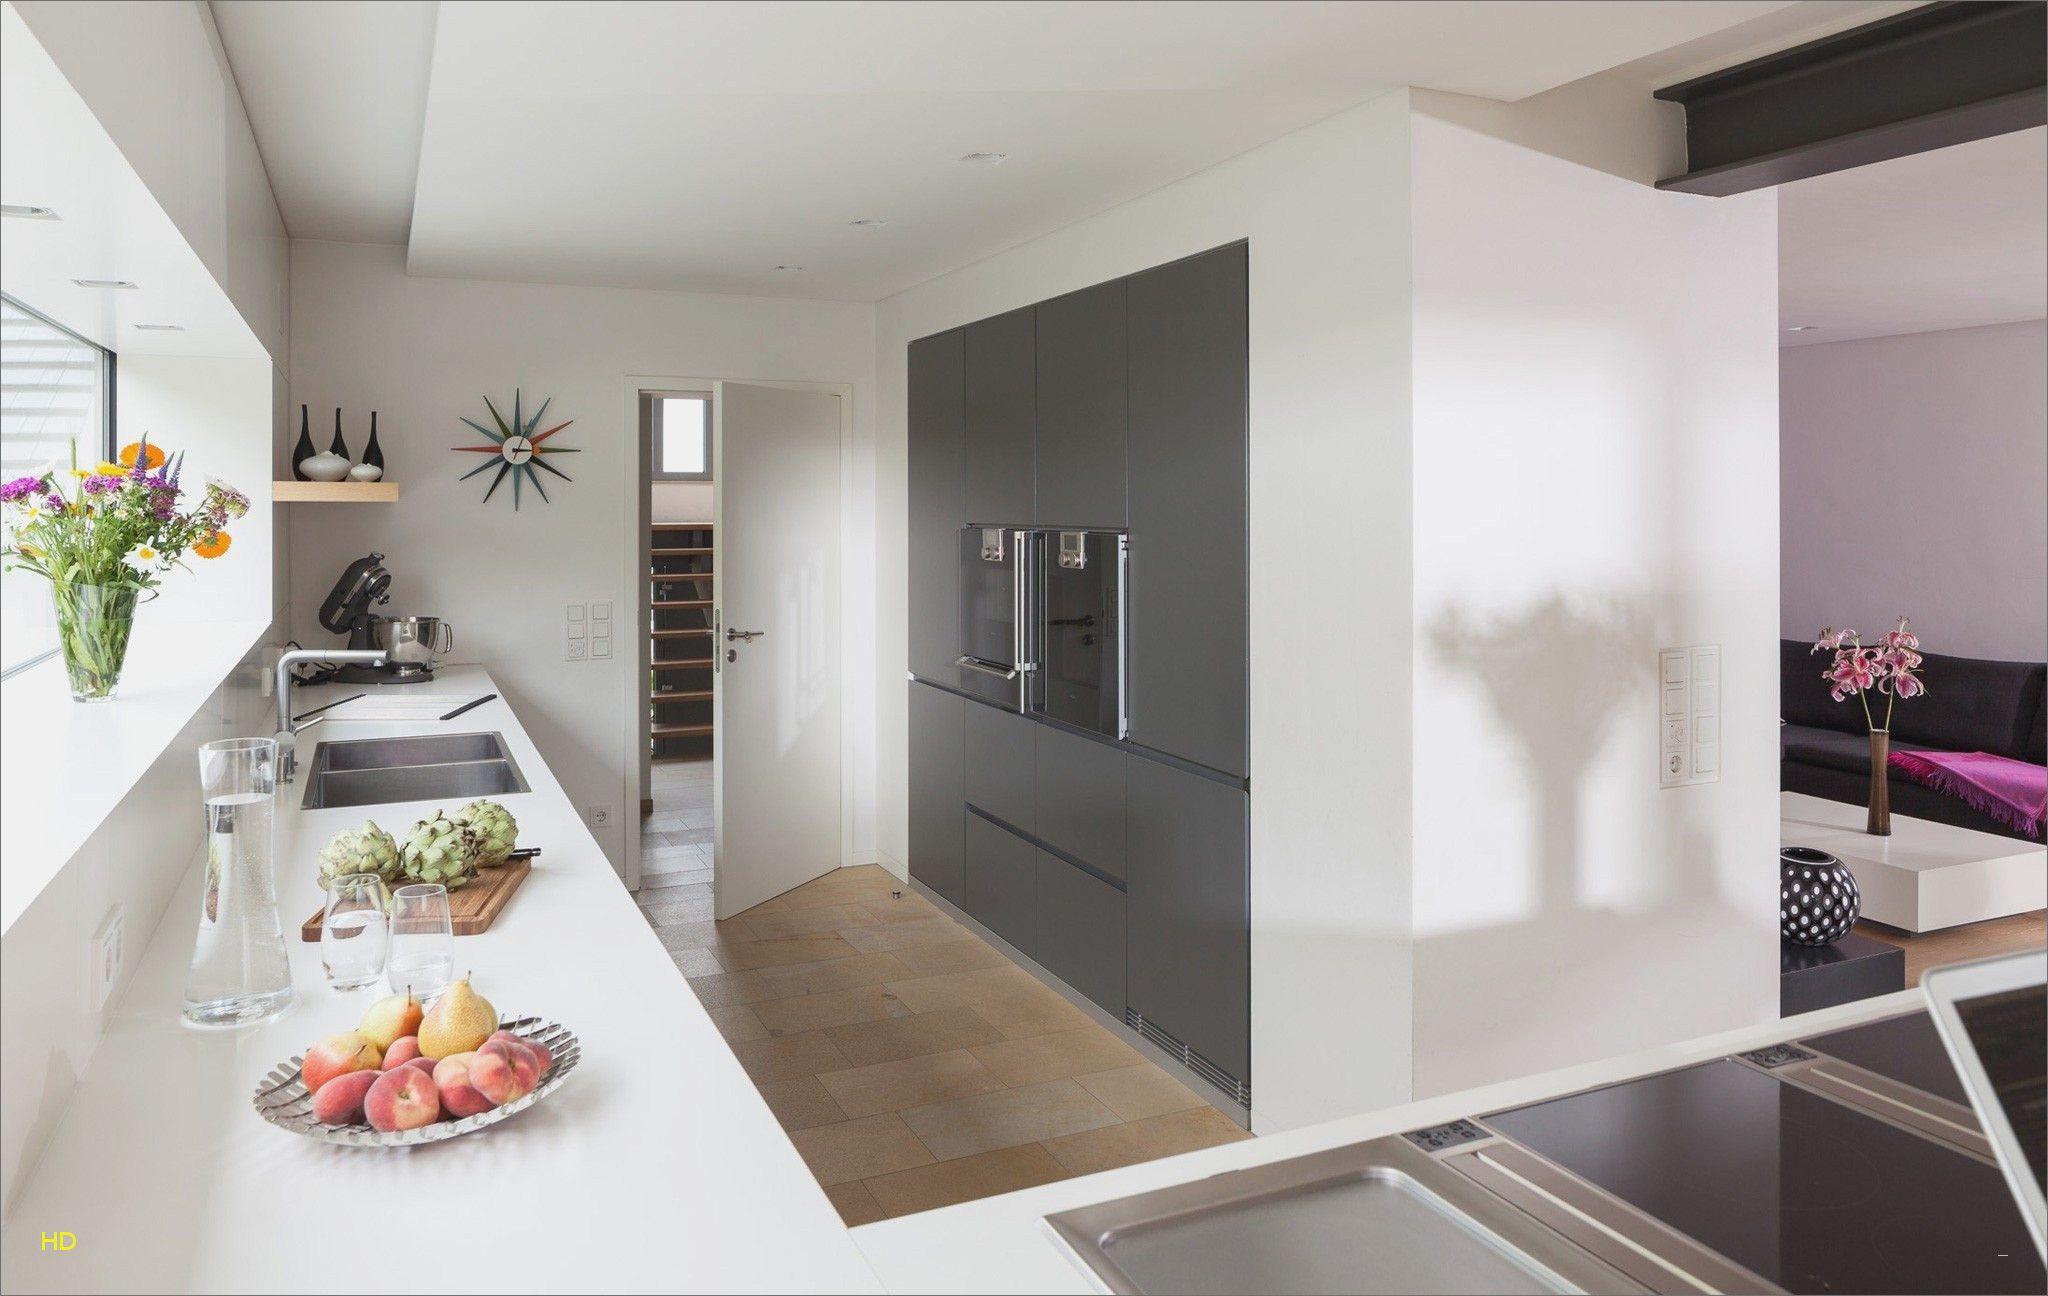 Bildergebnis für küche schiebetür | Kitchen | Küche, Haus ...